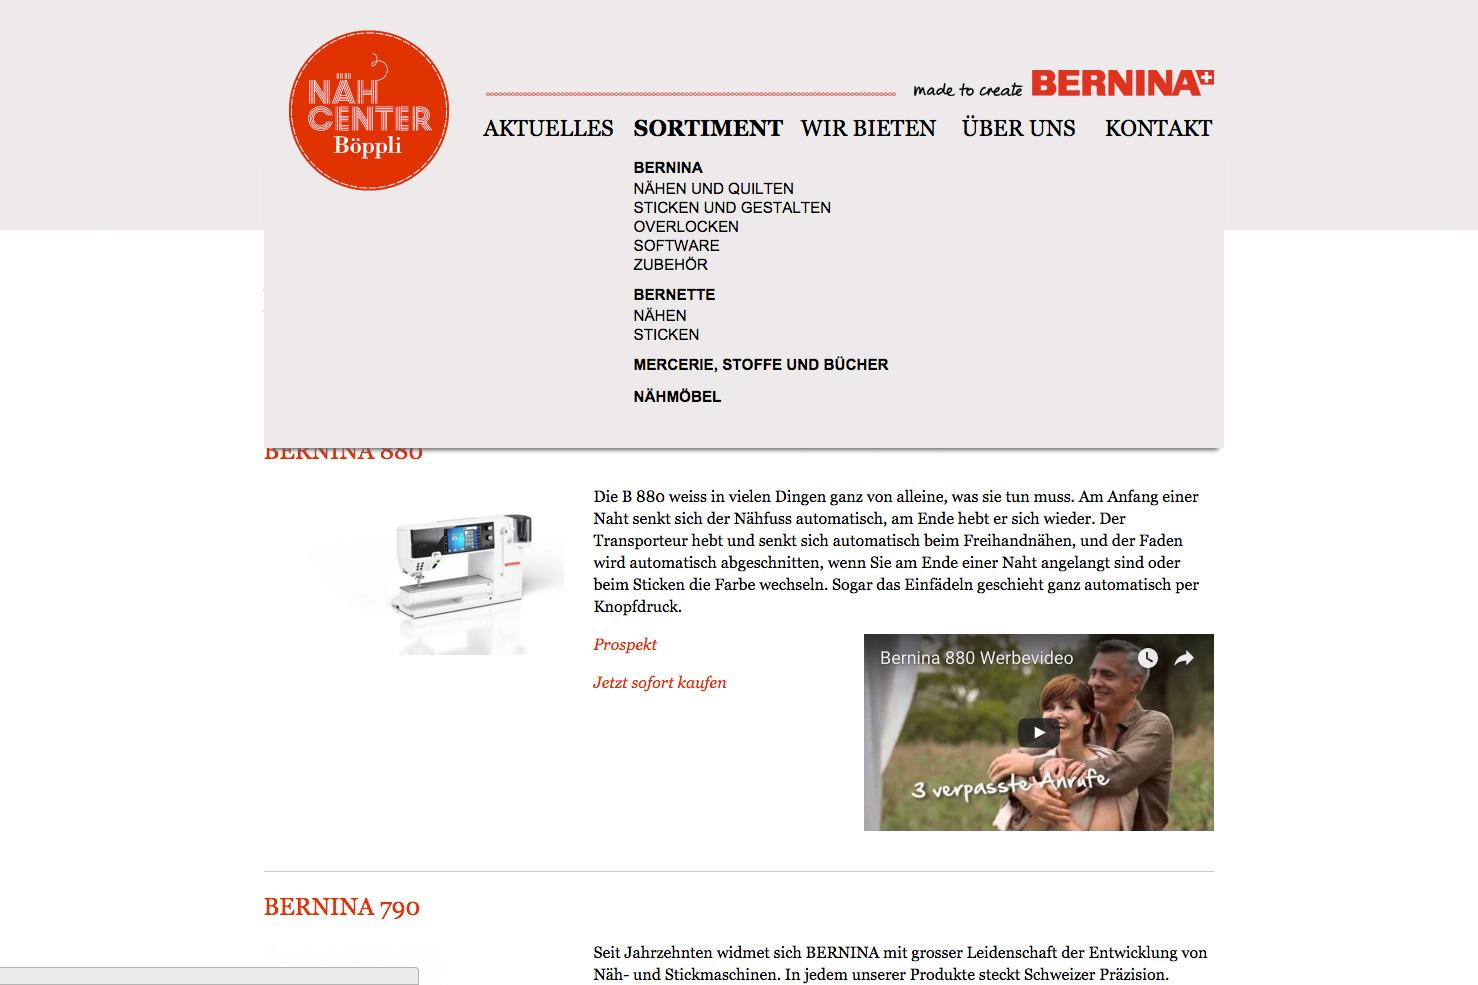 Bild 3 vom Böppli Nähcenter Webseite